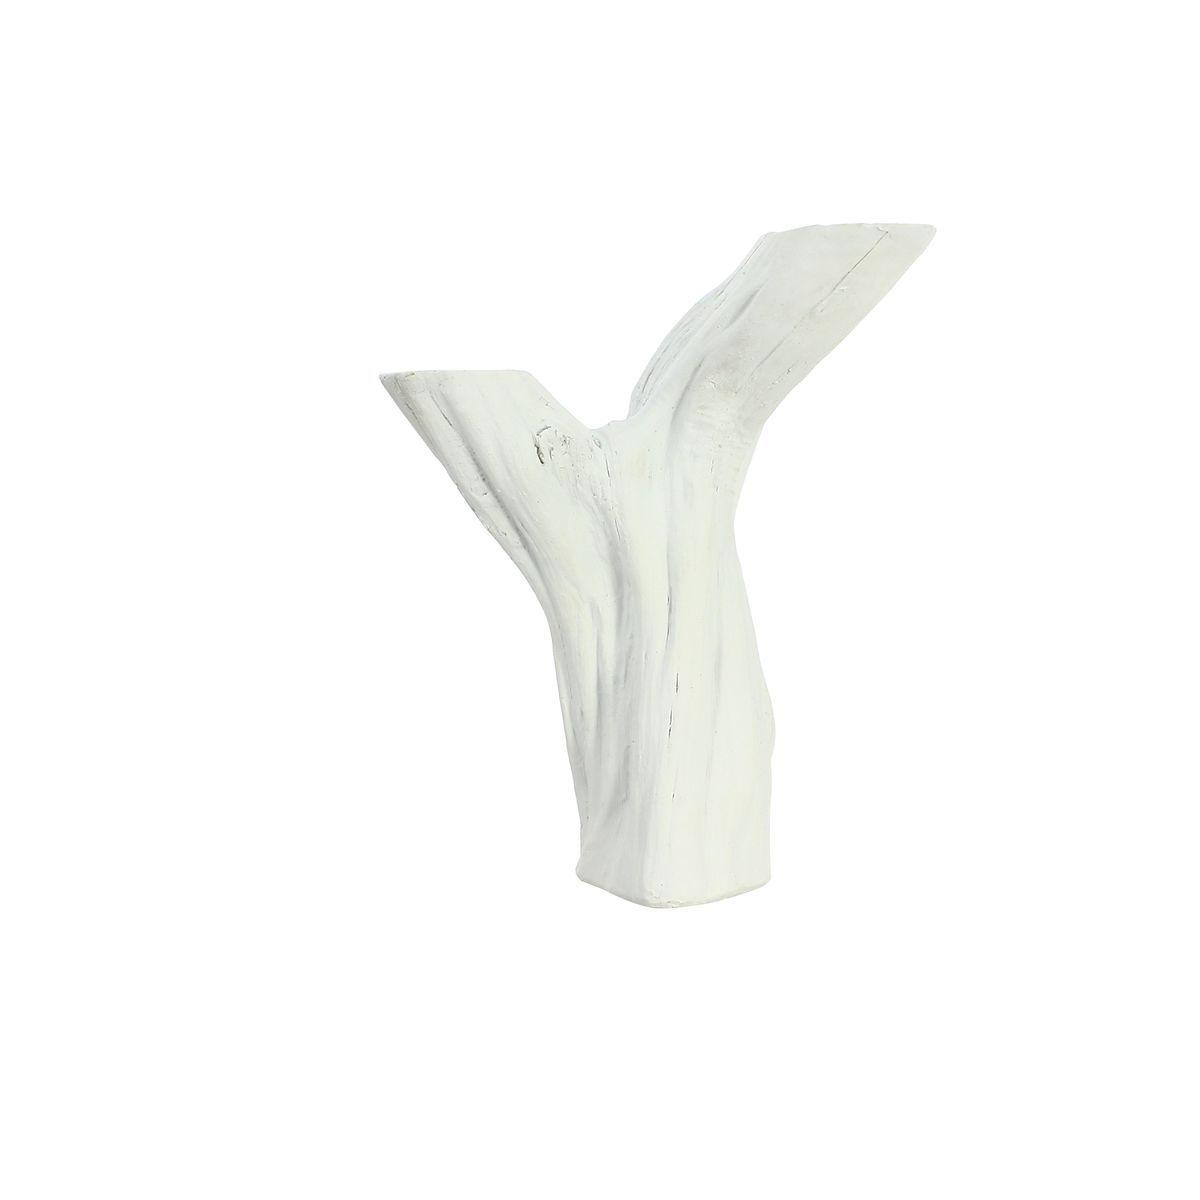 Vase blanc 20,5cm